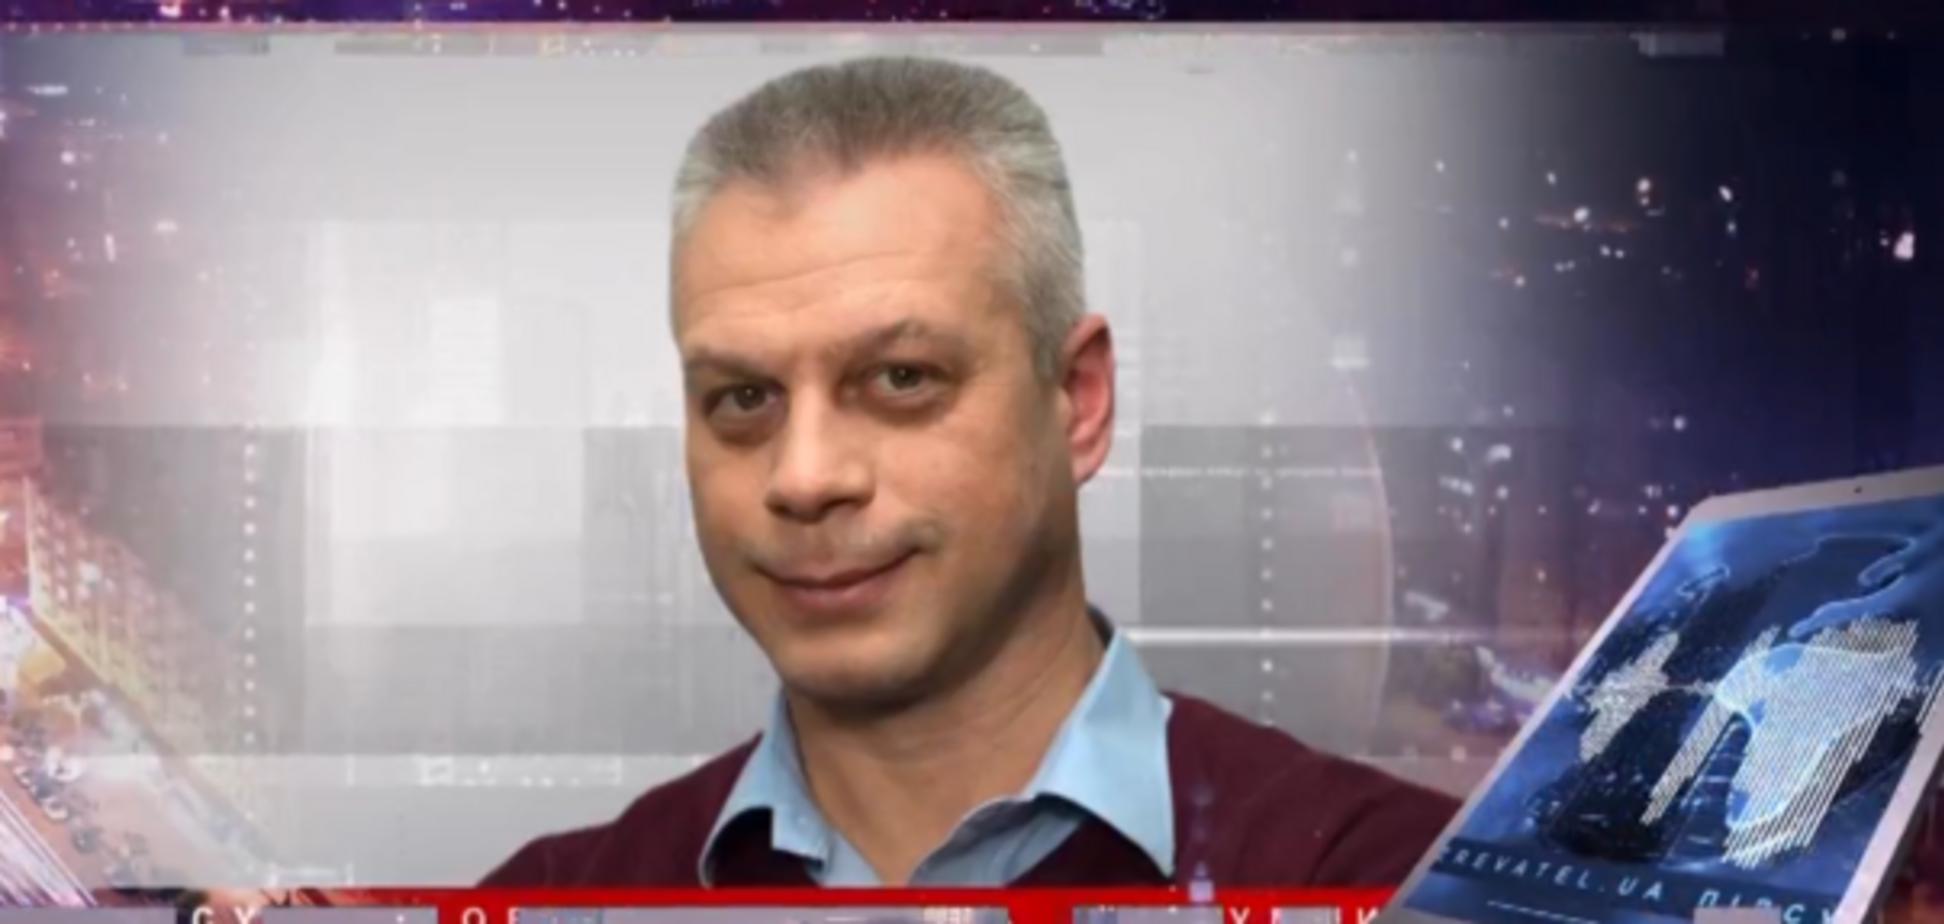 Дело Медведчука: в генпрокуратуре заявили, что с расследованием затягивать не будут